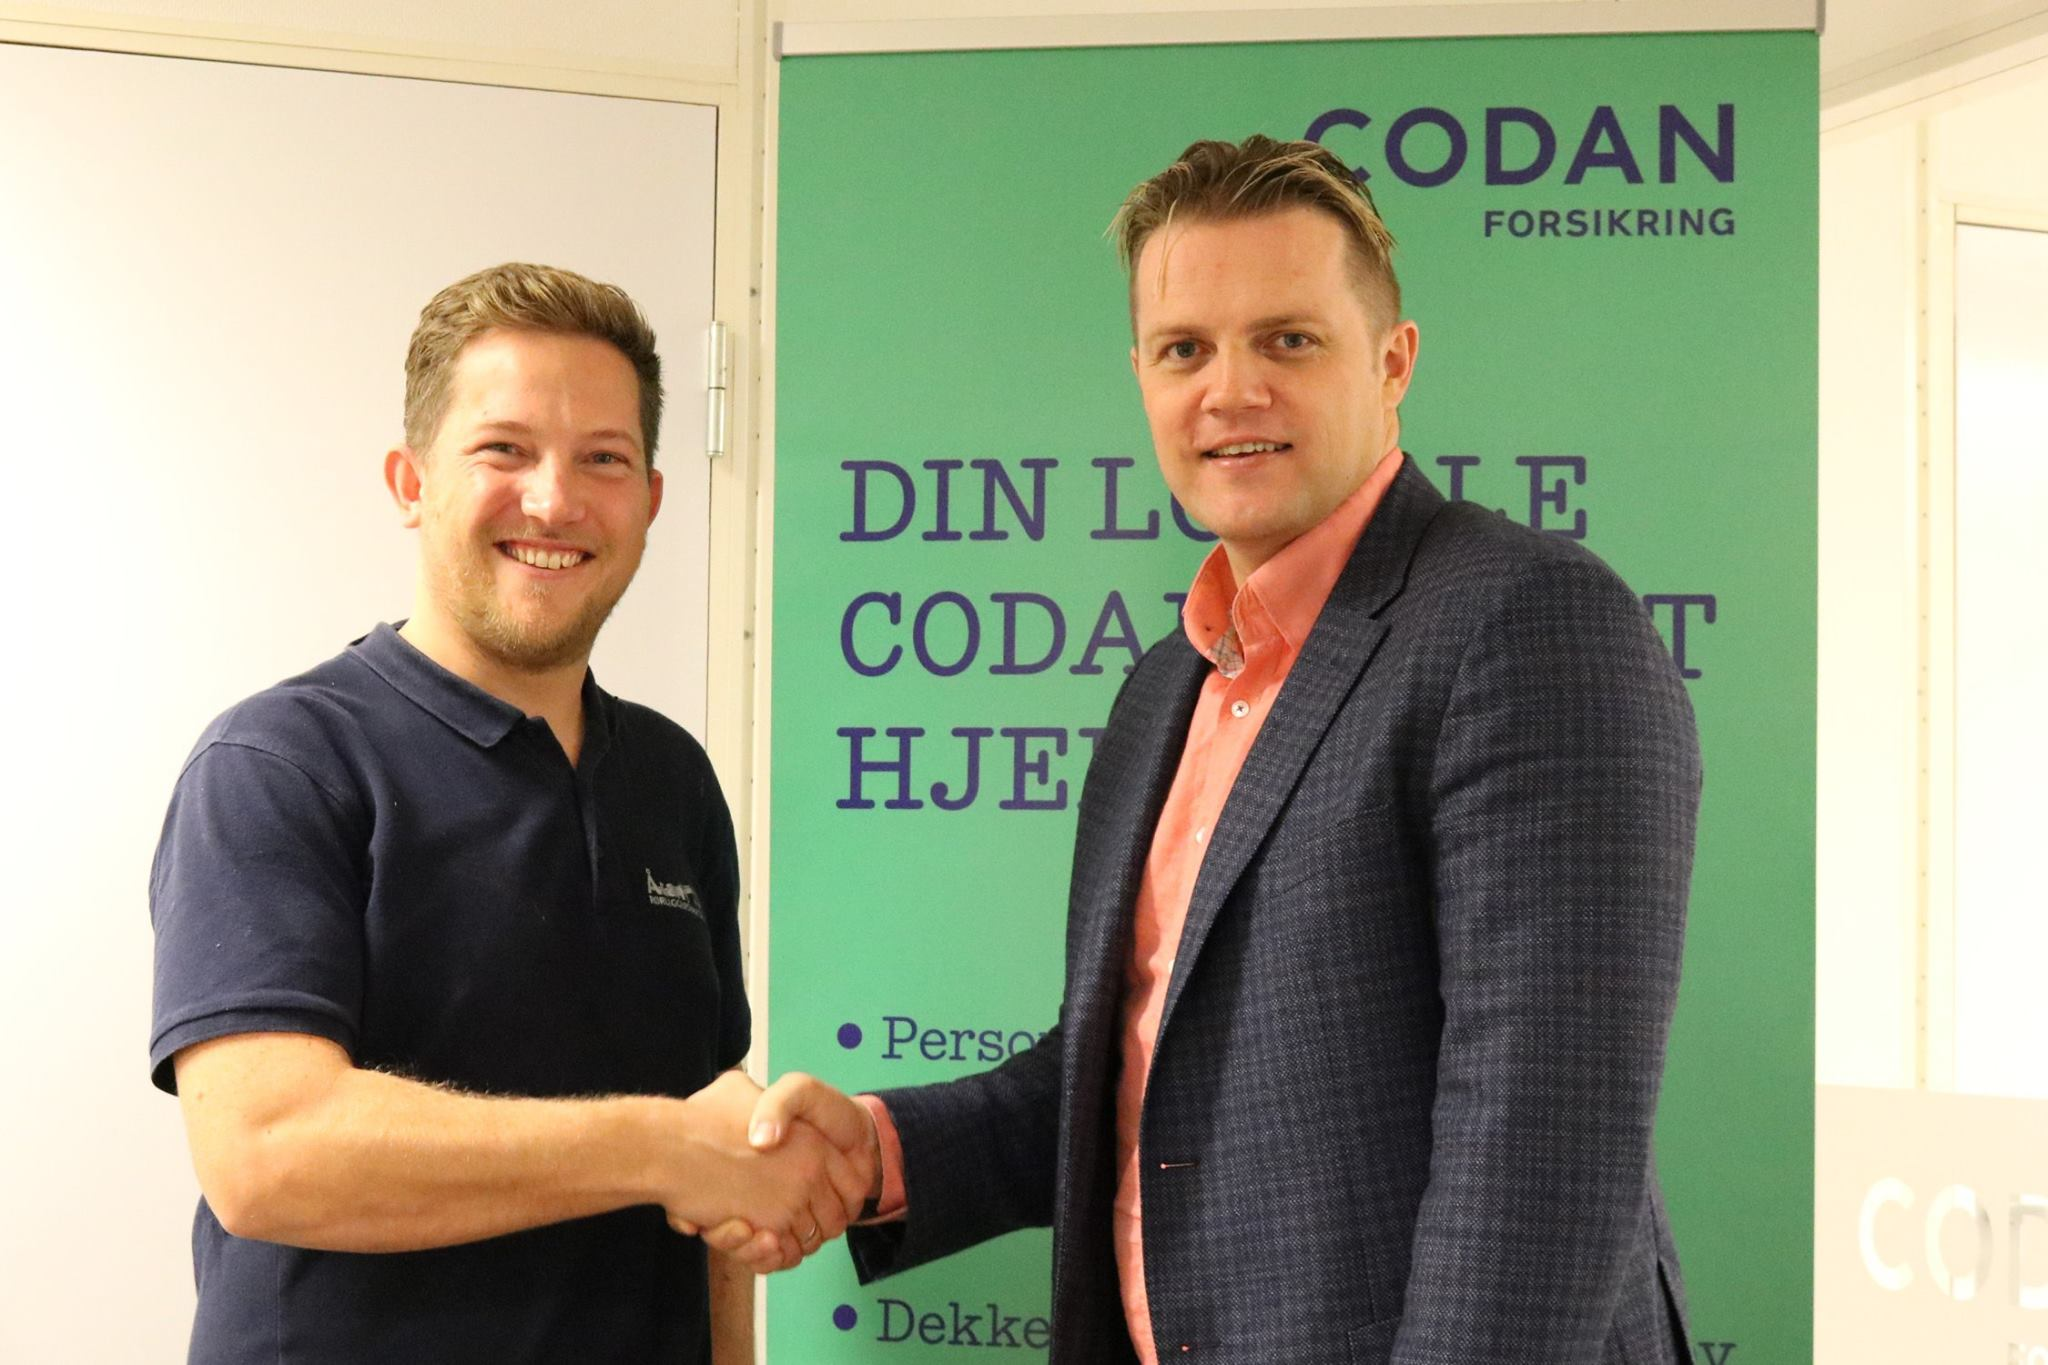 Daglig leder Ørjan Mjåtveit i Åsane Rørleggerservice as ønskes velkommen som kunde hos Codan i Åsane av Halvard Gjerdbakken.